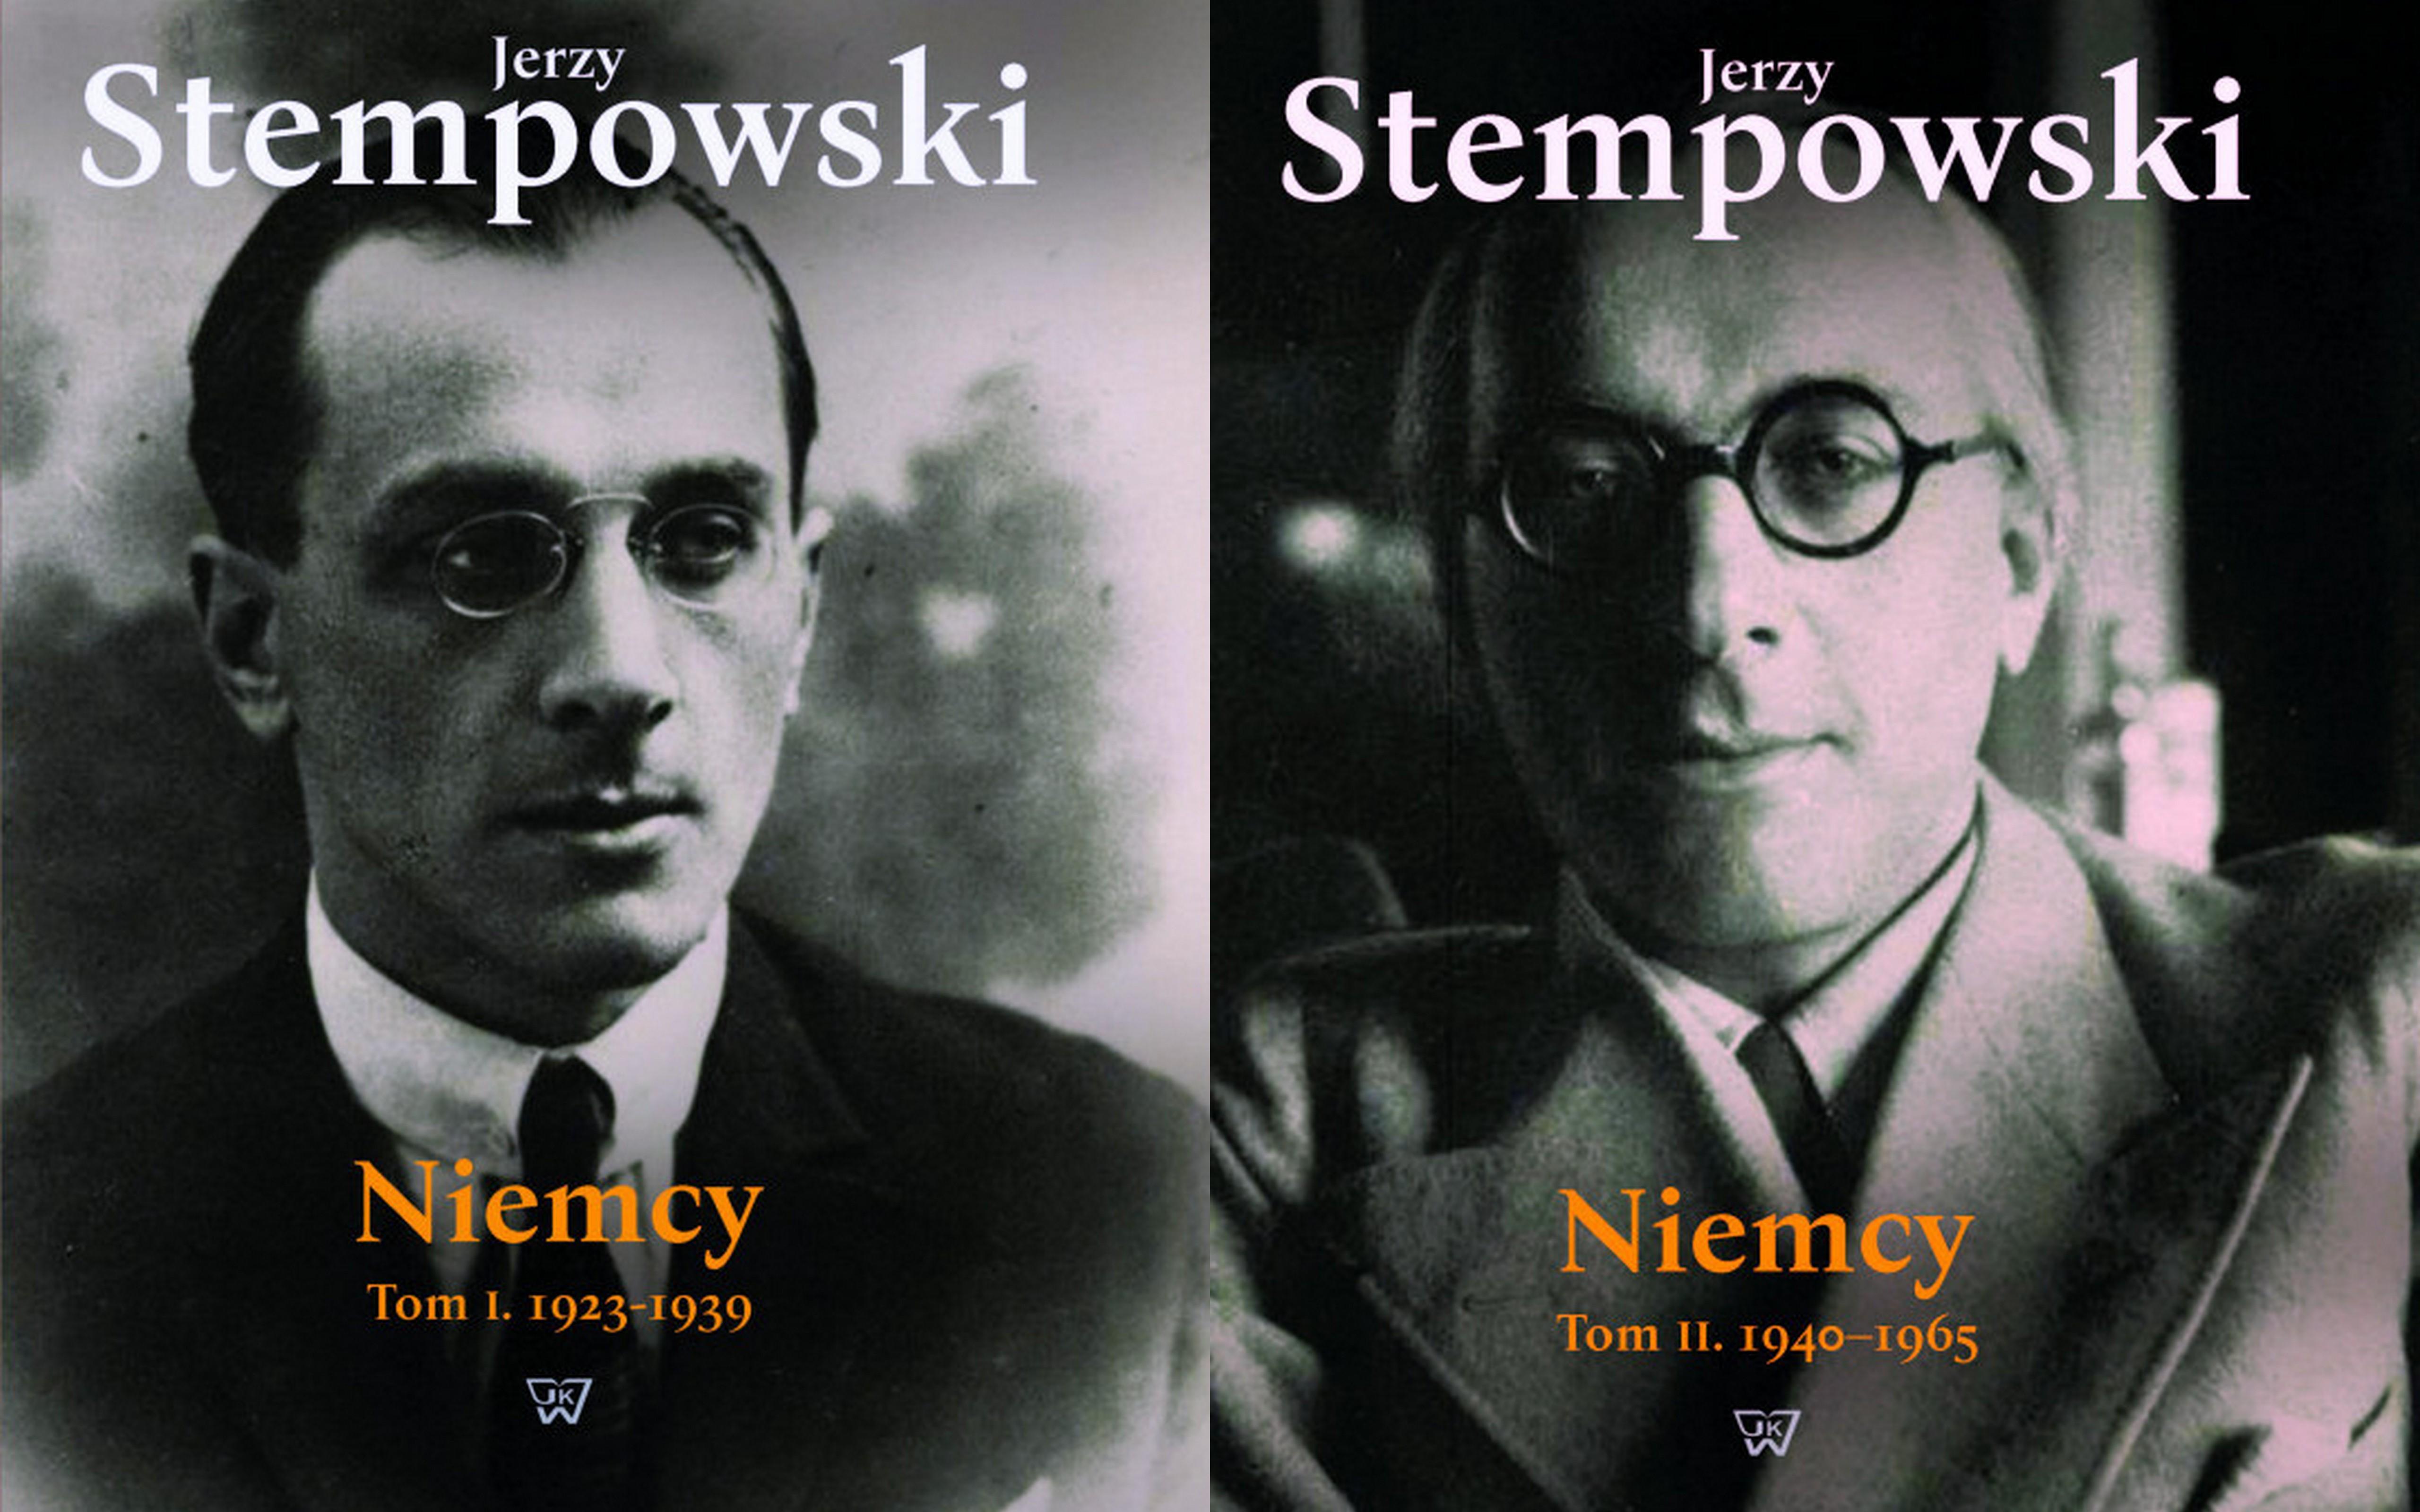 """<div class='inner-box'><div class='close-desc'></div><span class='opis'>Jerzy Stempowski """"Niemcy"""" - okładki dwutomowego wydania tekstów na tematy niemieckie z lat  1923-1965. Wydawnictwo Naukowe UKSW, Warszawa 2018.</span><div class='clearfix'></div><span>Archive ref. sm00444</span><div class='clearfix'></div><span>© Instytut Literacki</span></div>"""